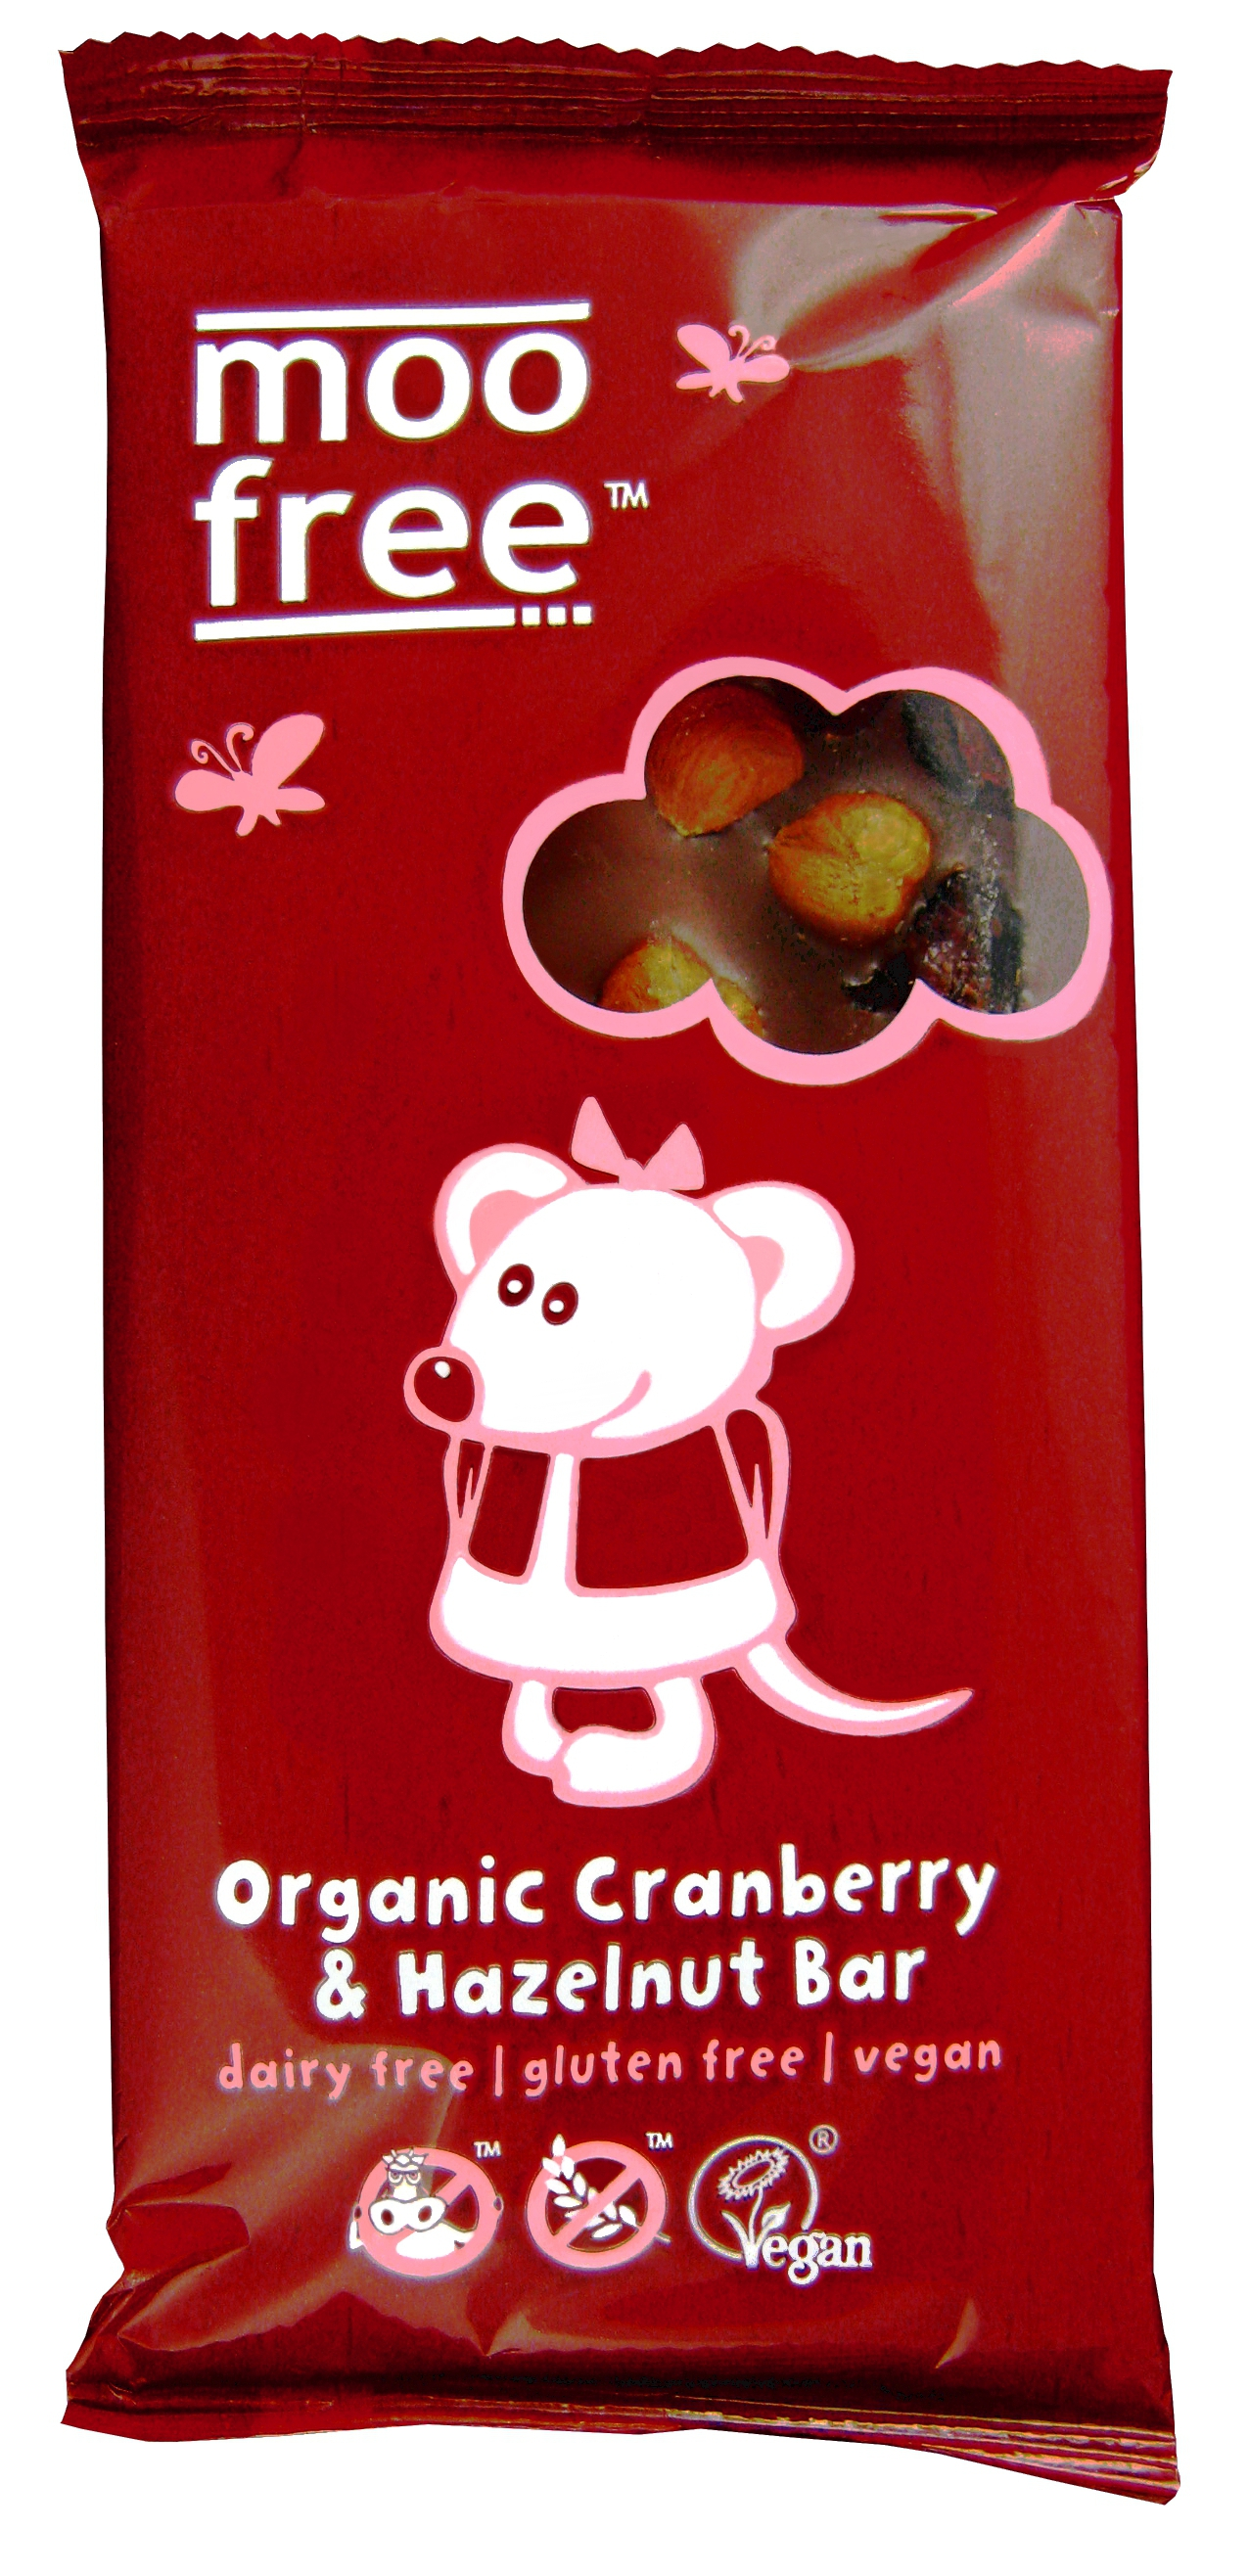 moo-free-cranberry-100g-bar-hi-res.jpg